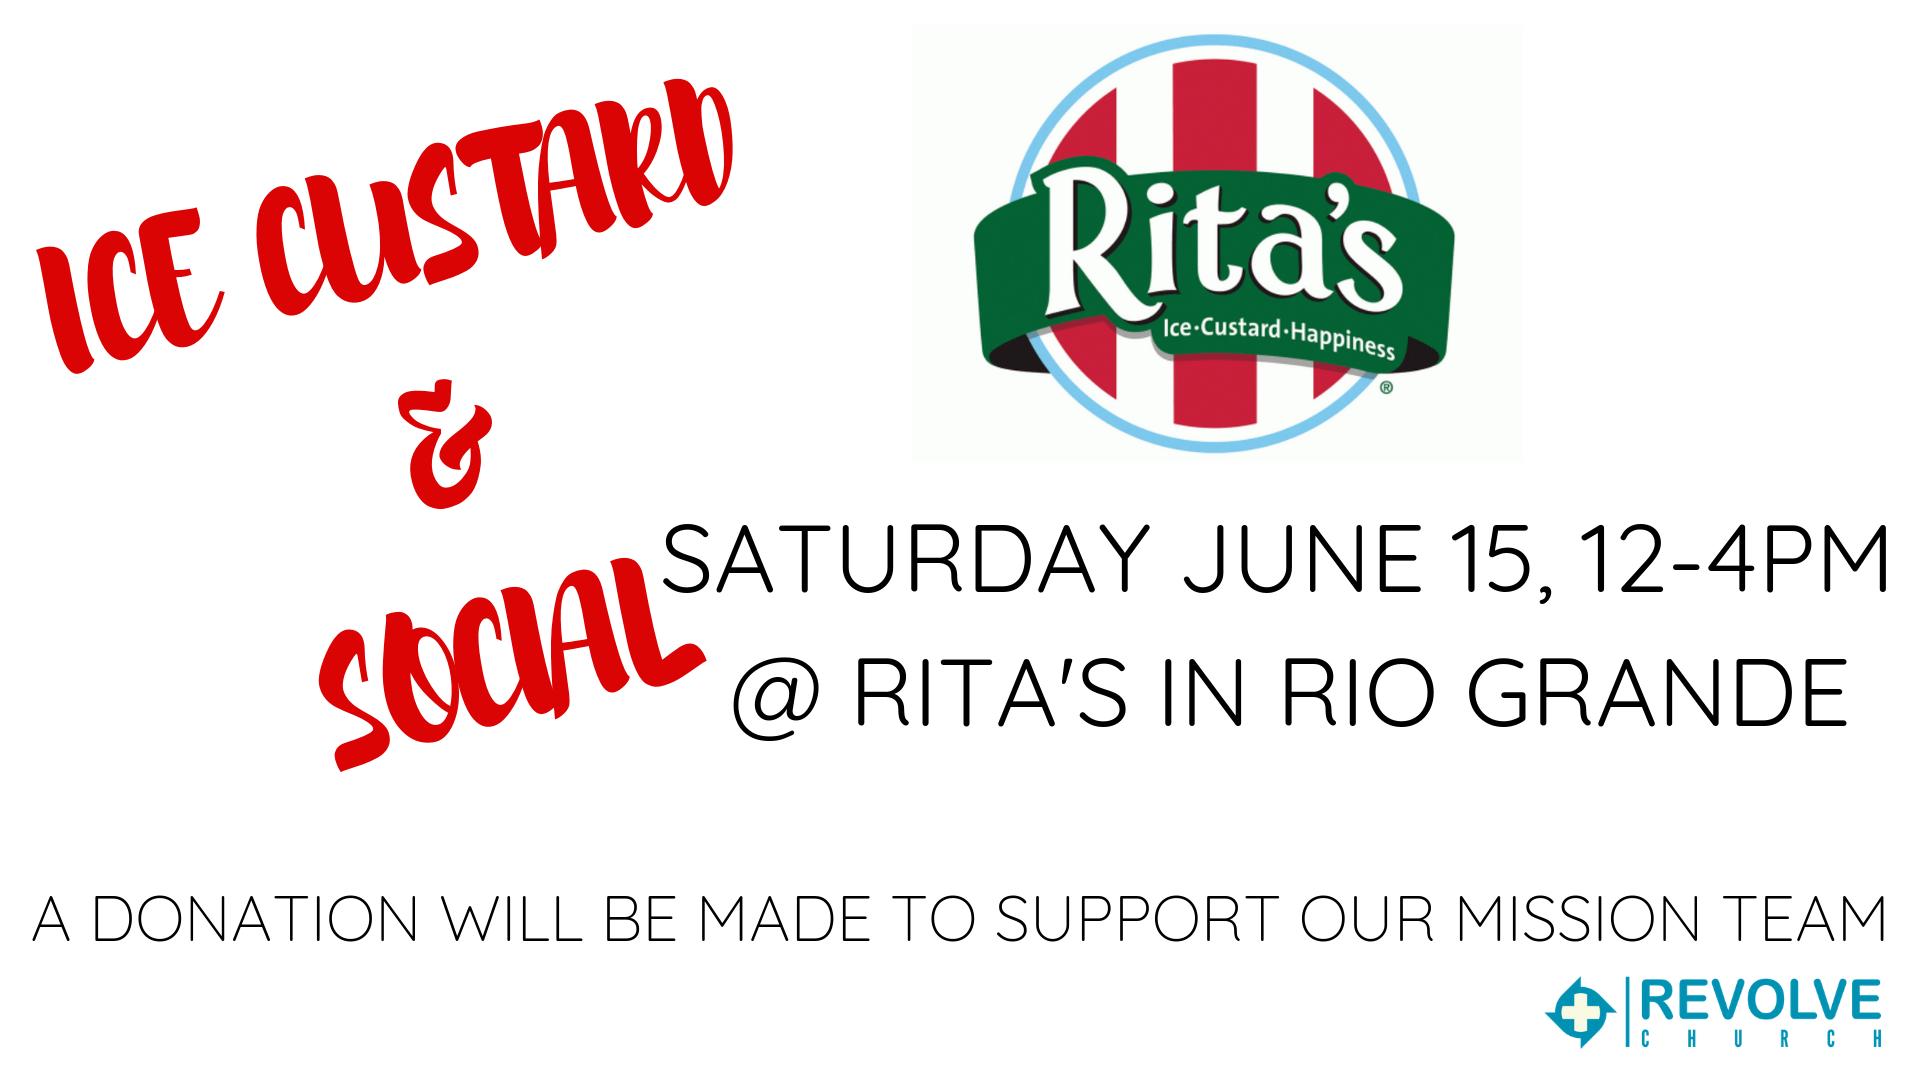 Rita's C image